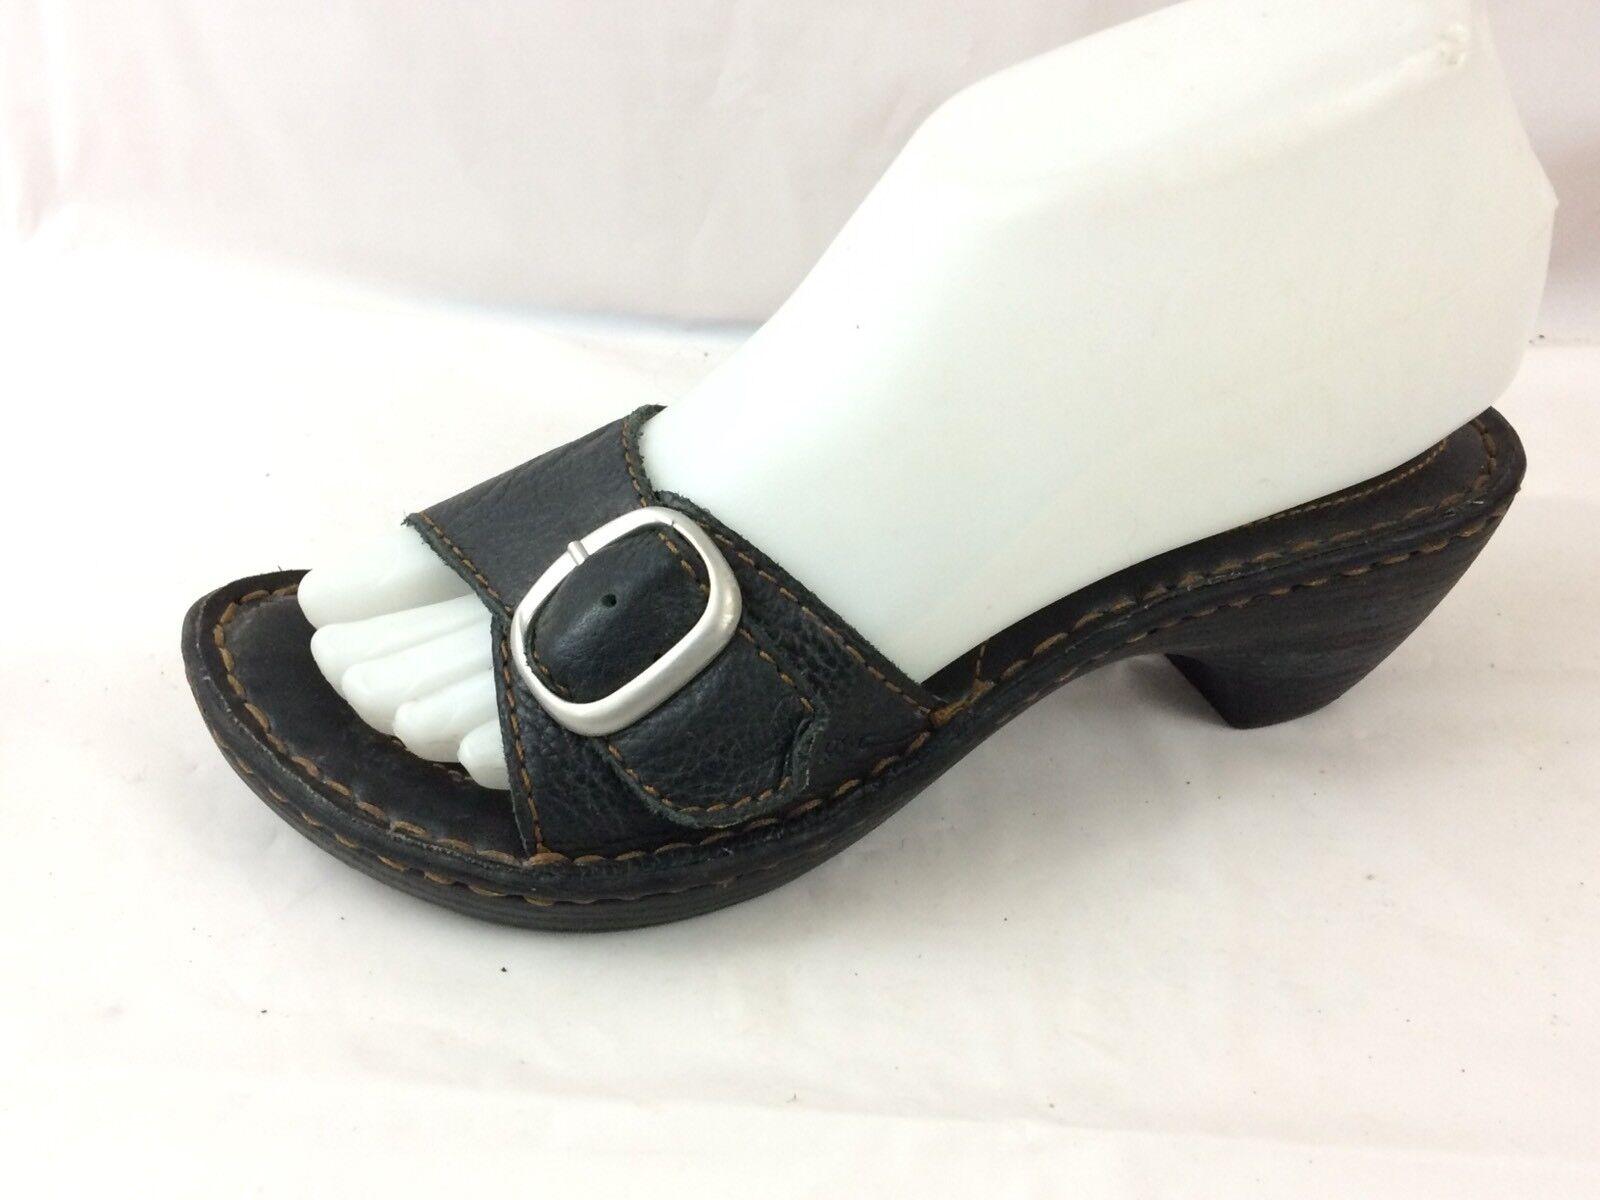 BOC Born Black Pebble Leather Buckle Slides Sandal Women 6 M Wedge Open Toe shoes